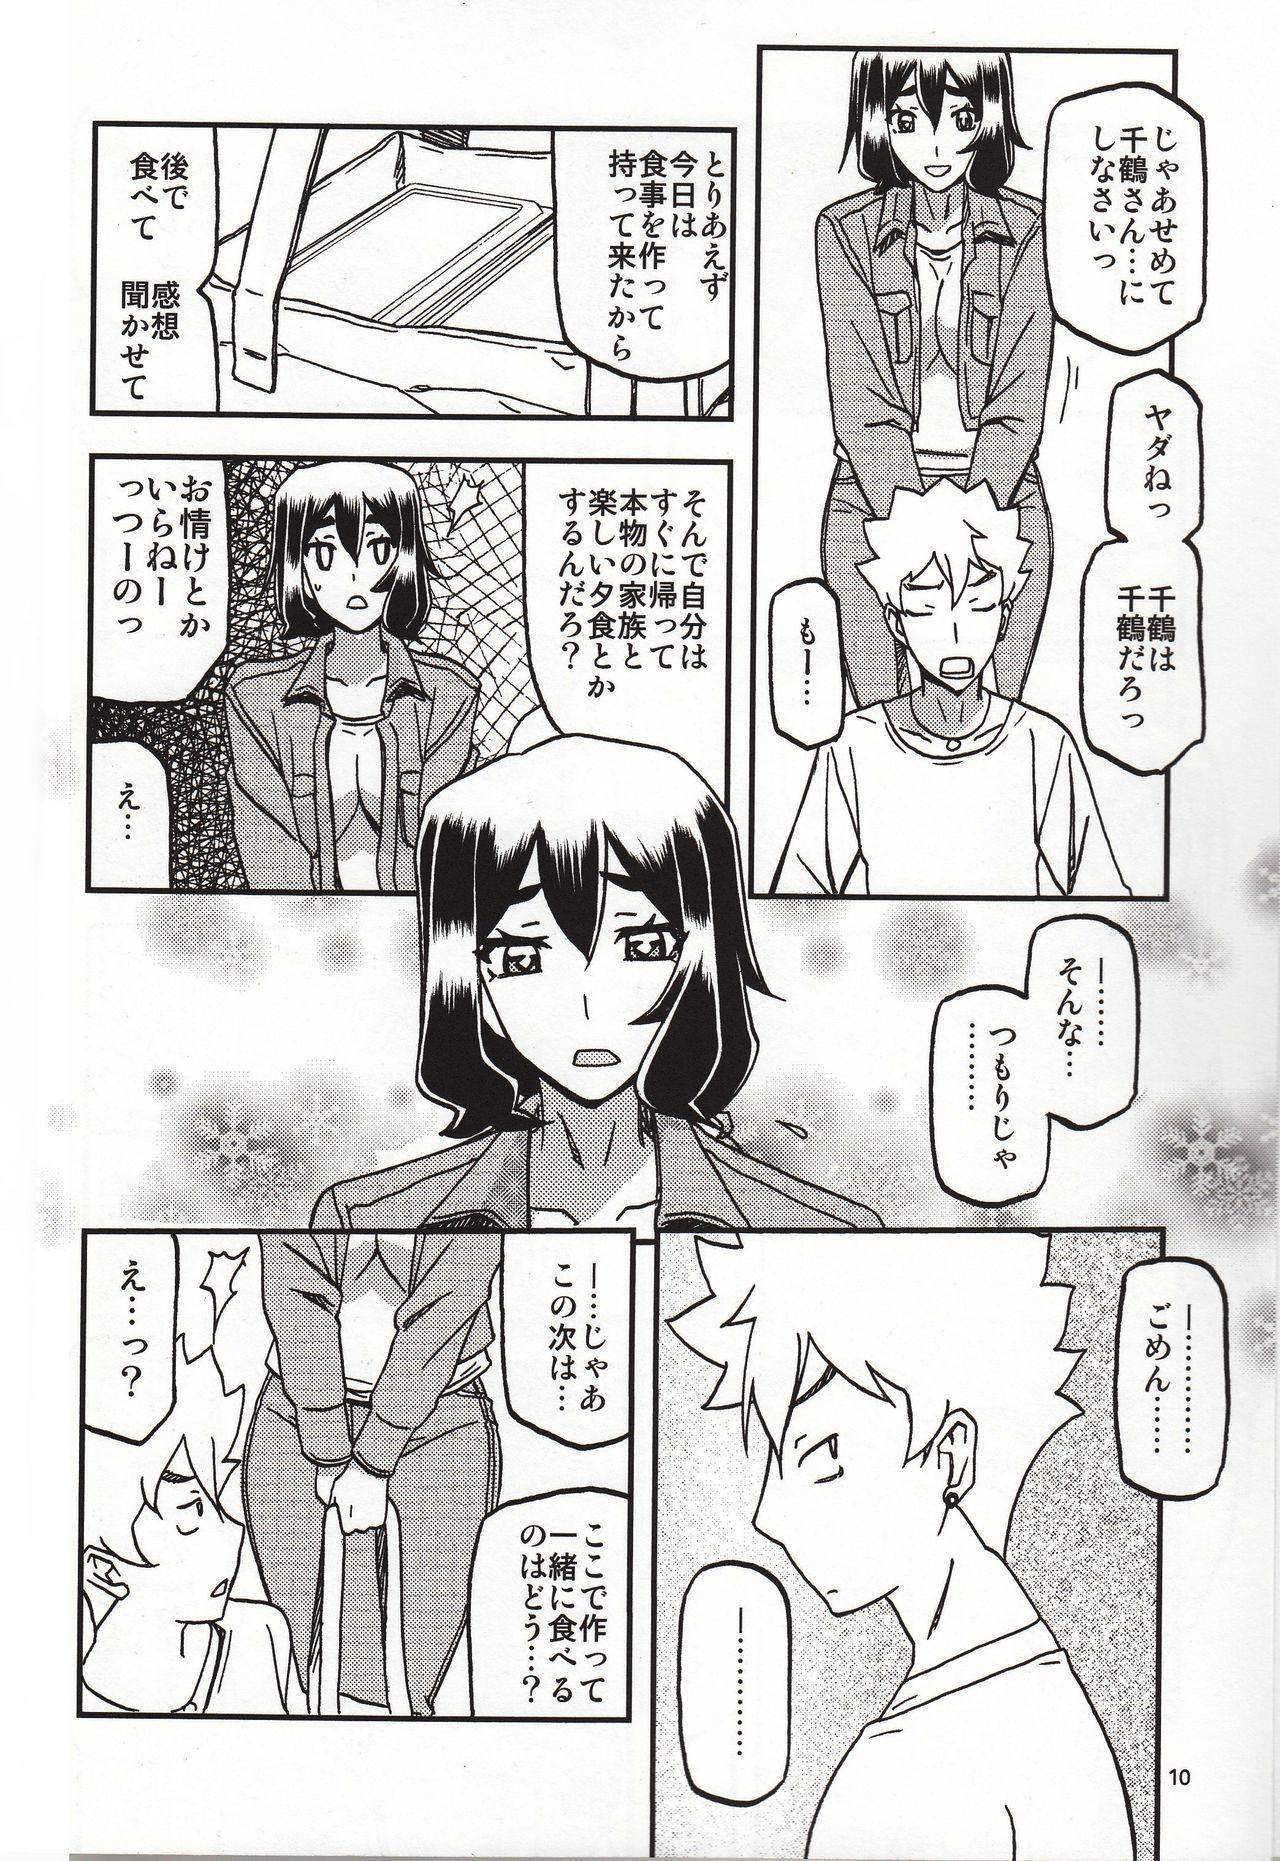 Akebi no Mi - Chizuru katei 8